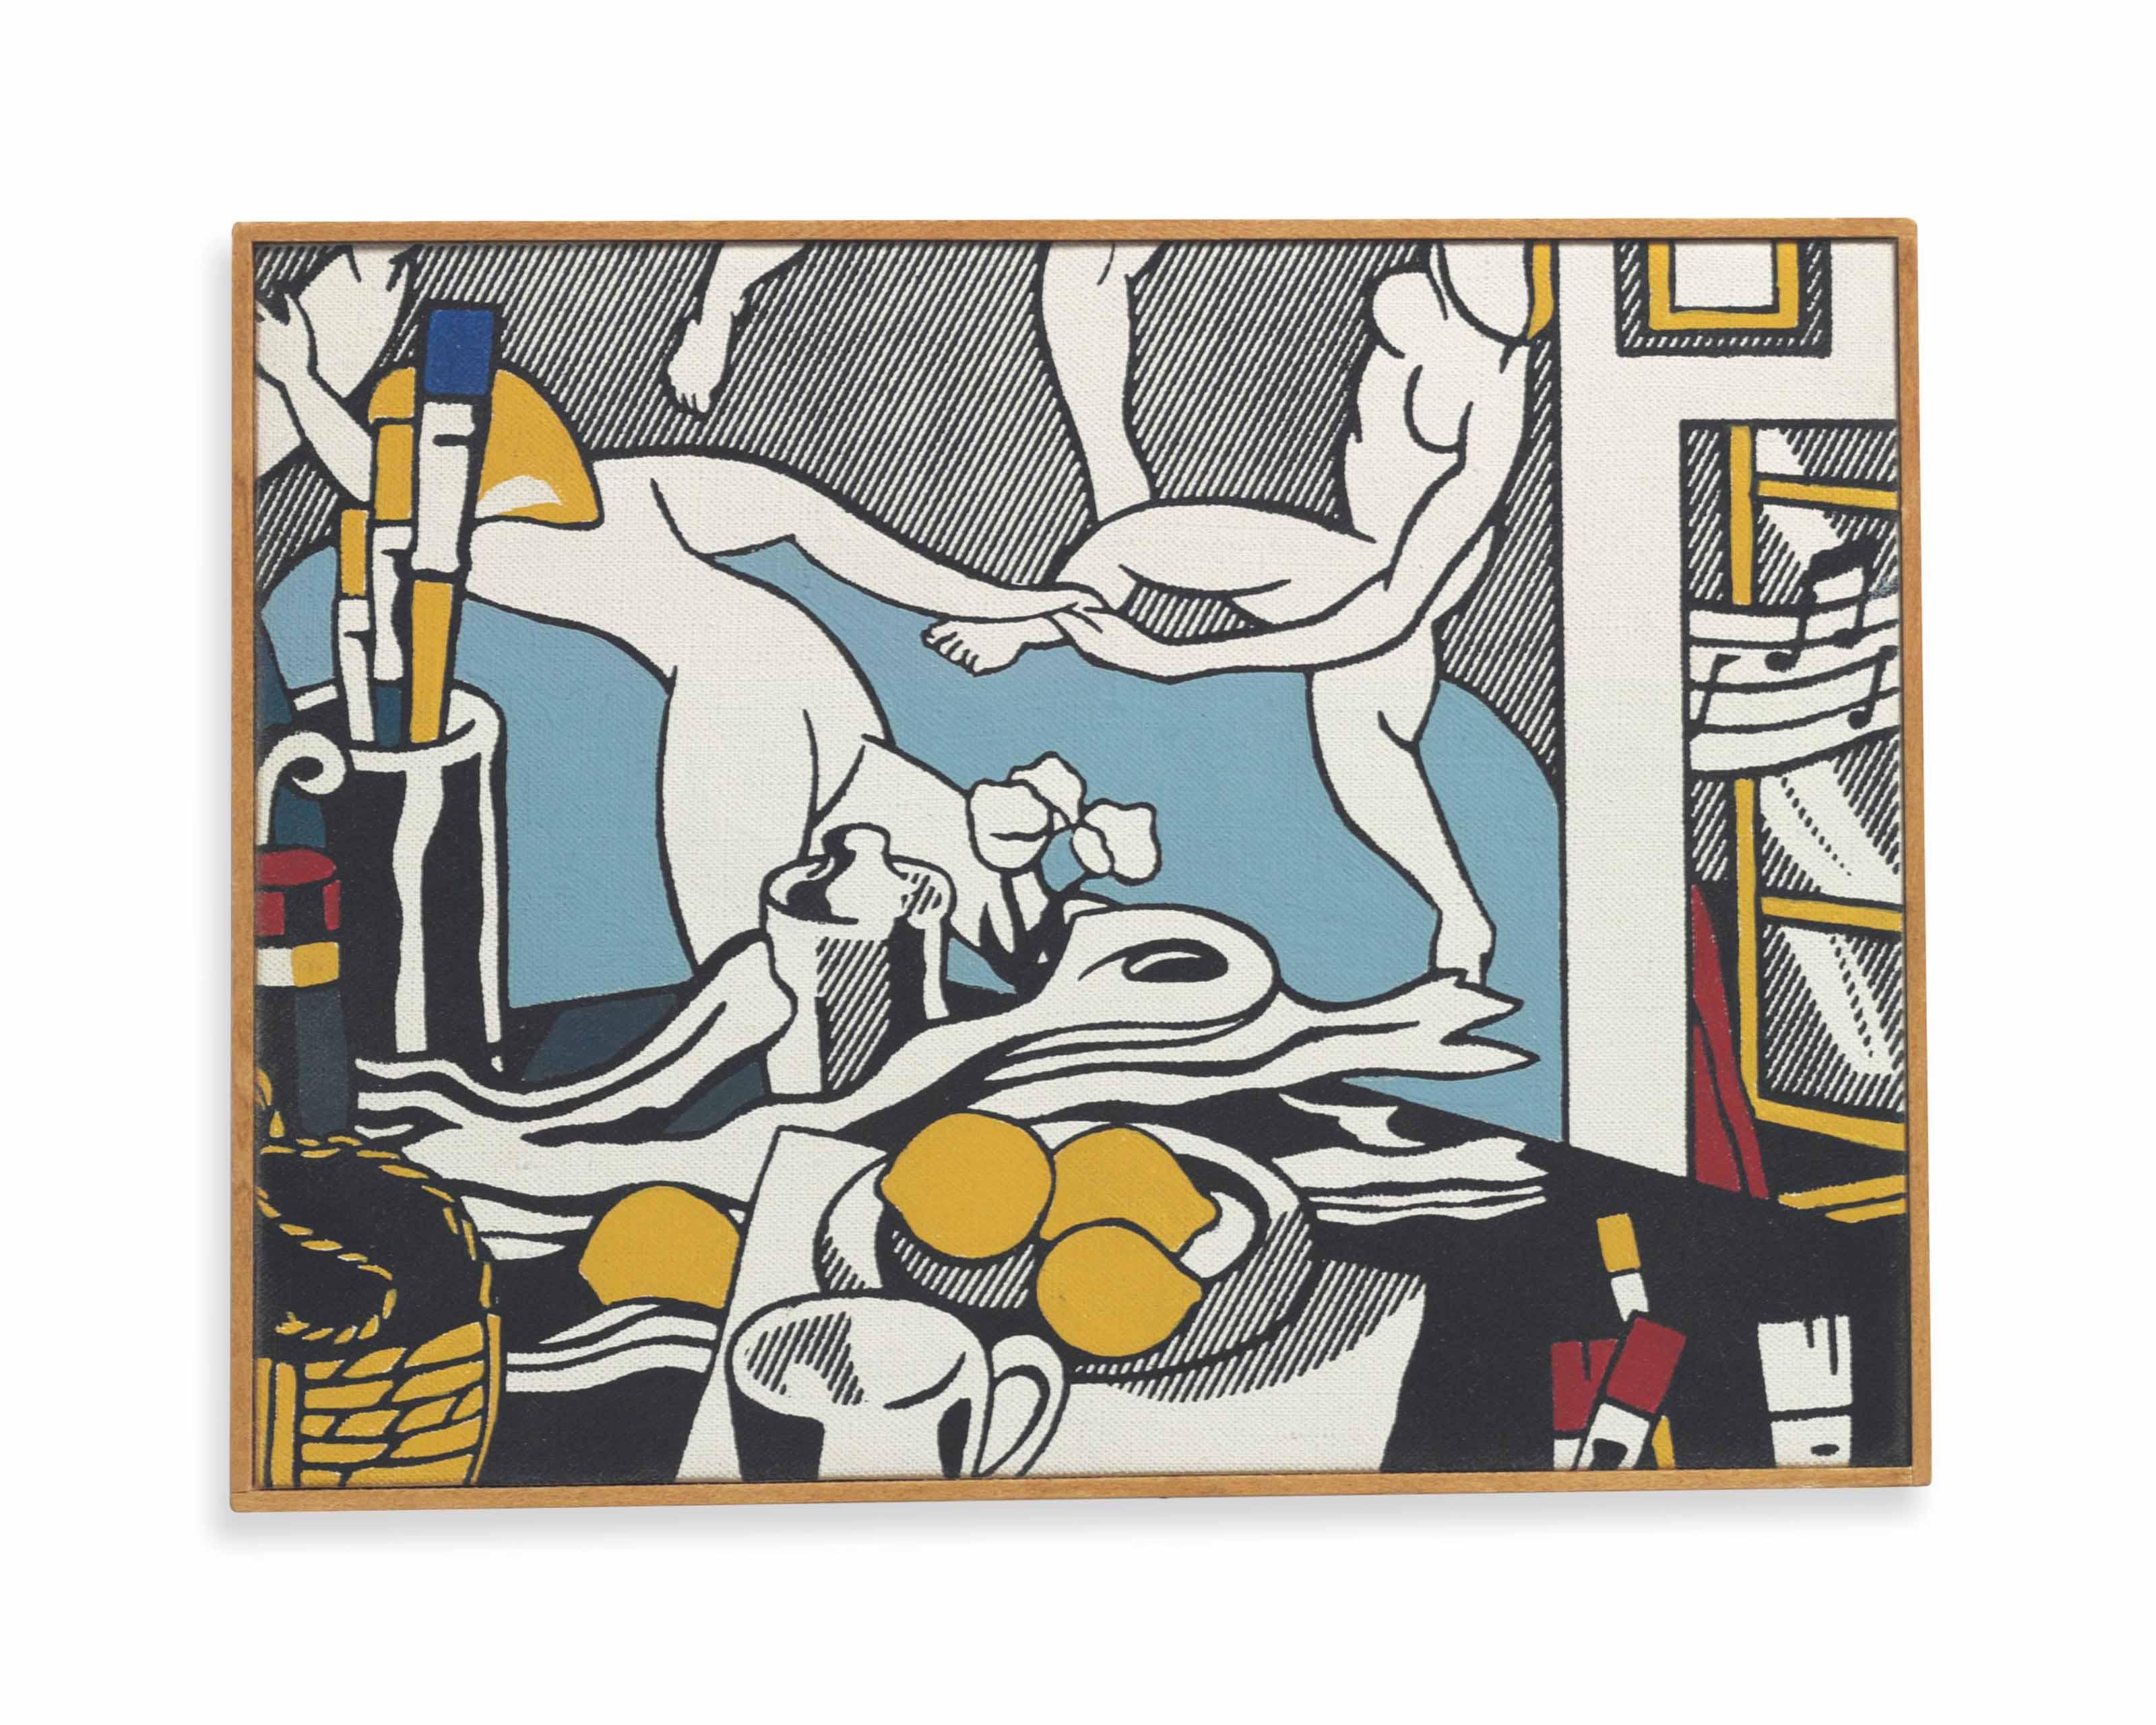 Lichtenstein, The Artist's Studio: The Dance, 1974